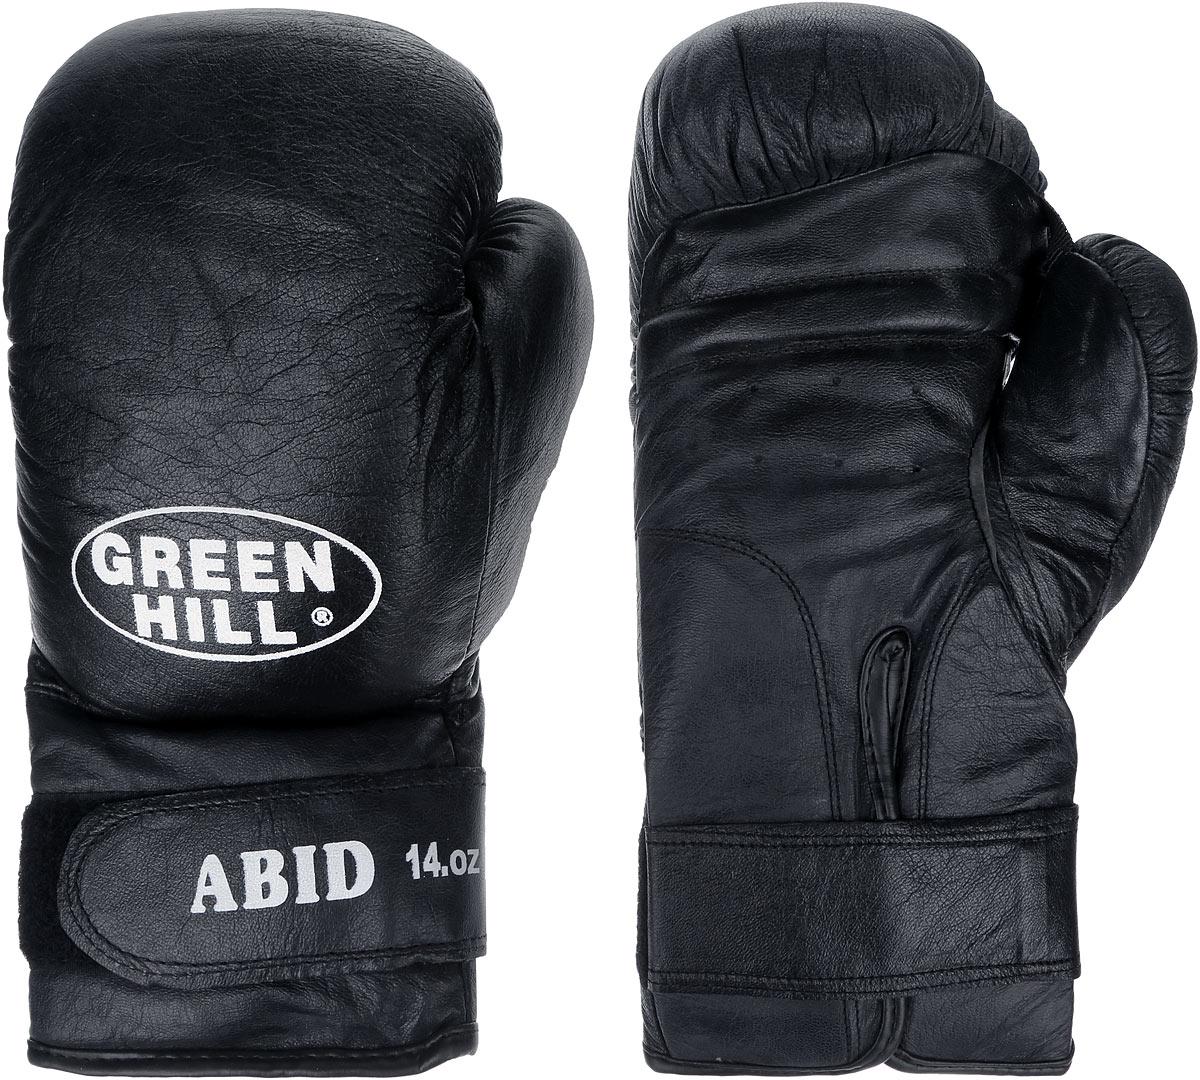 Перчатки боксерские Green Hill Abid, цвет: черный, белый. Вес 14 унцийAIBAG1Боксерские тренировочные перчатки Green Hill Abid выполнены из натуральной кожи. Они отлично подойдут для начинающих спортсменов. Мягкий наполнитель из очеса предотвращает любые травмы. Отверстия в районе ладони обеспечивают вентиляцию. Широкий ремень, охватывая запястье, полностью оборачивается вокруг манжеты, благодаря чему создается дополнительная защита лучезапястного сустава от травмирования. Застежка на липучке способствует быстрому и удобному одеванию перчаток, плотно фиксирует перчатки на руке.